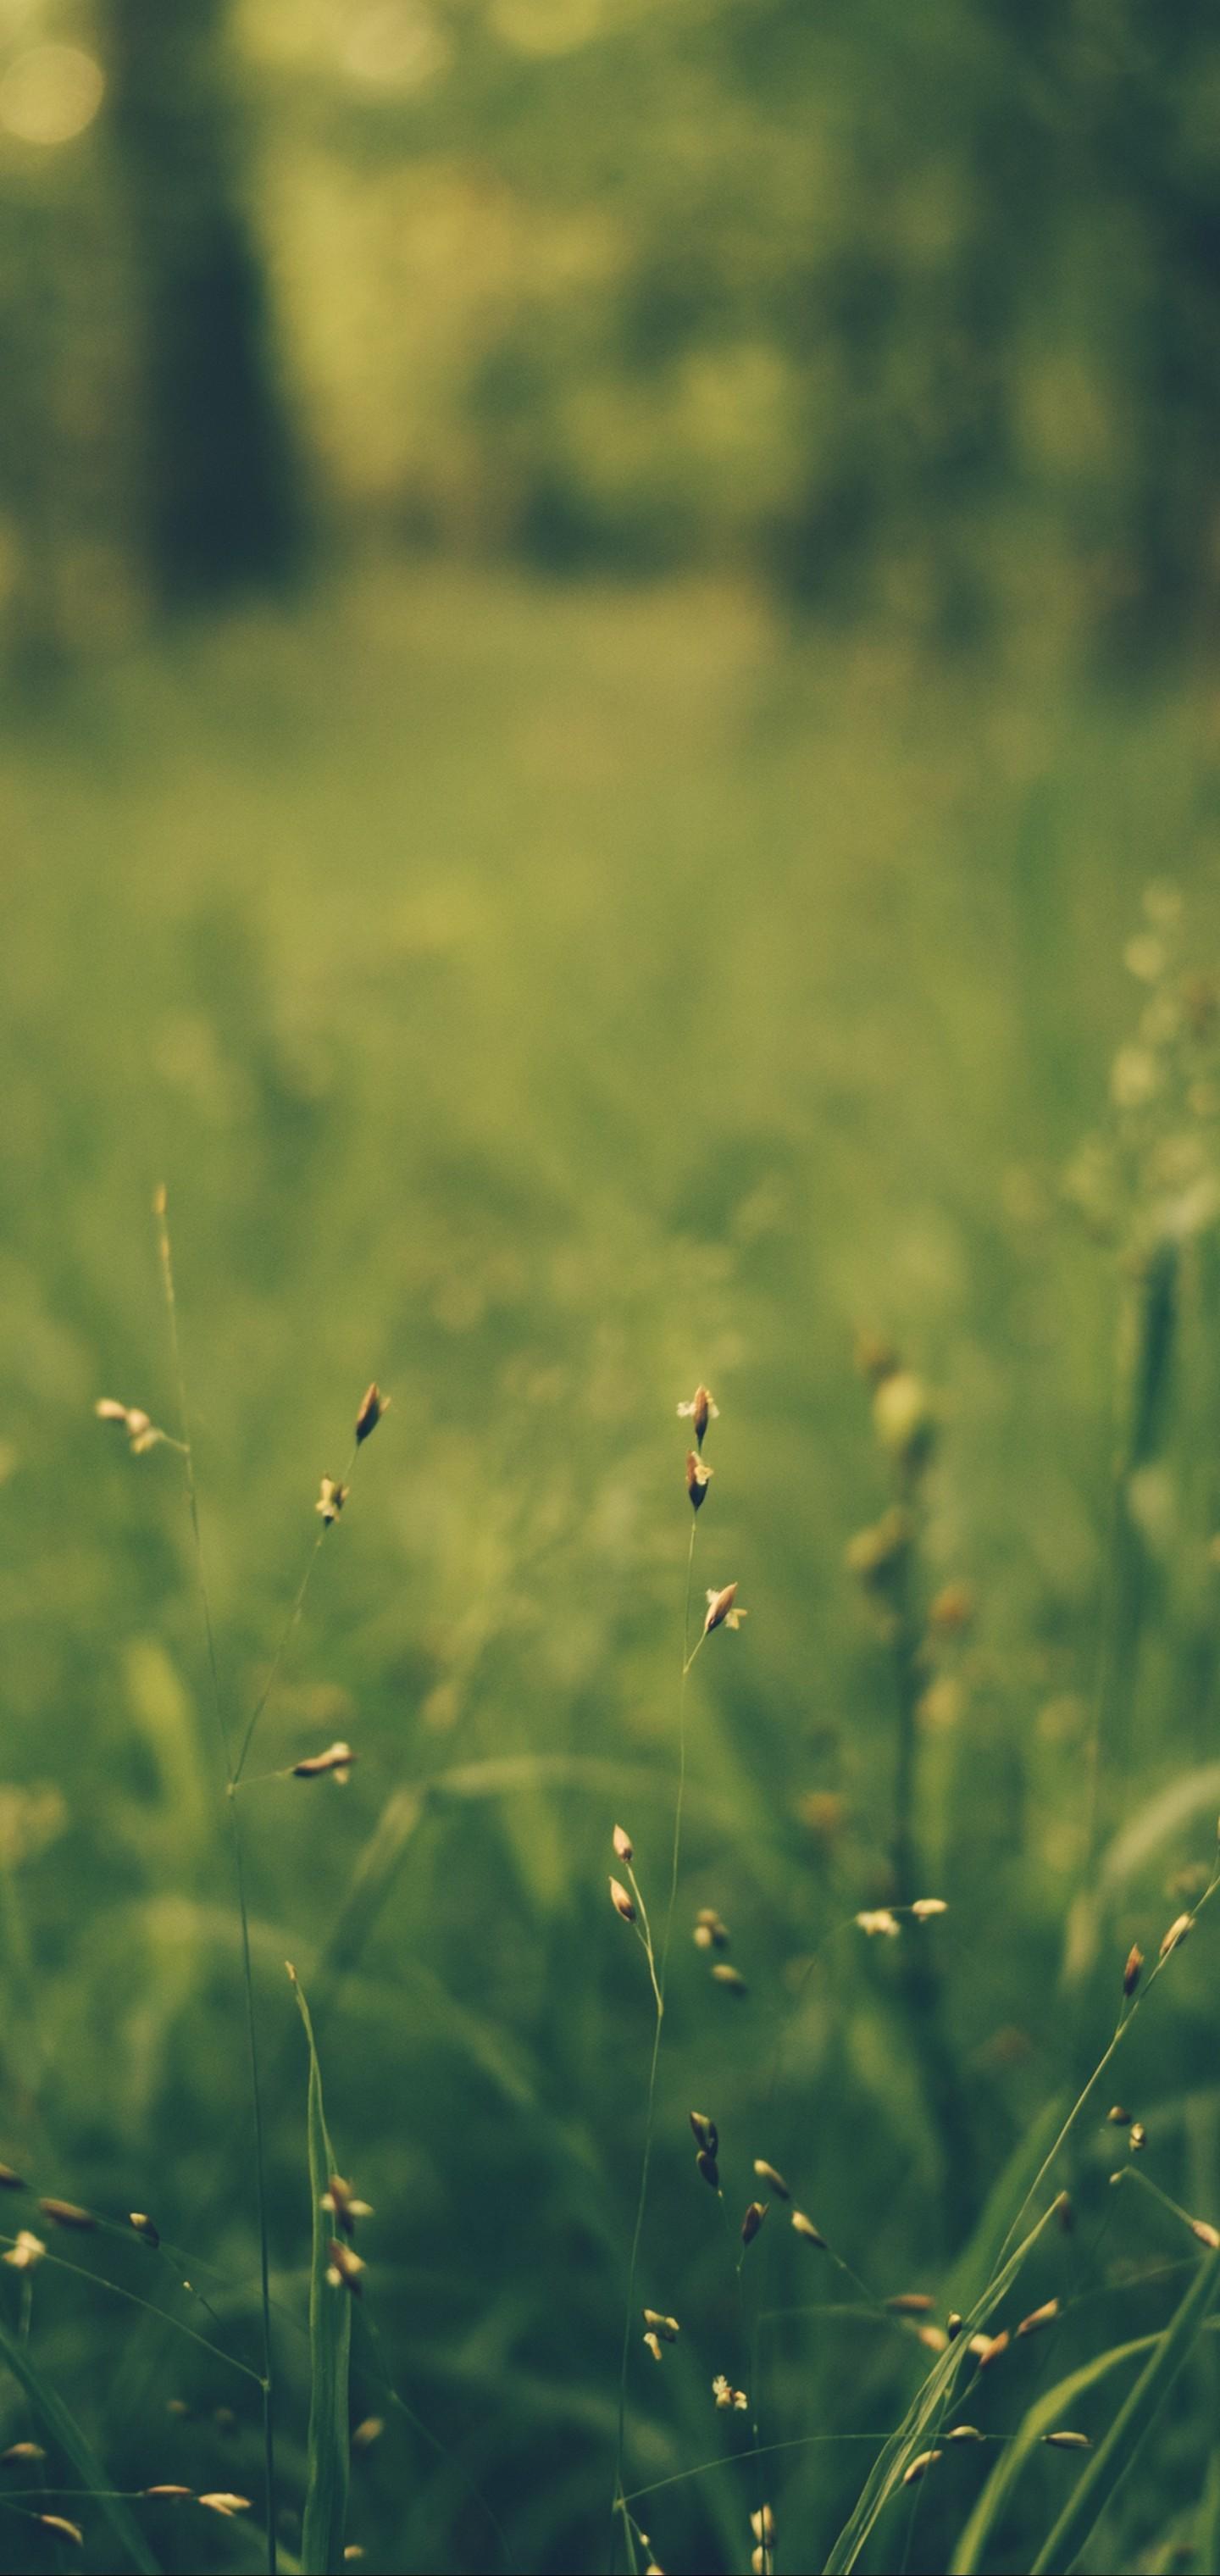 Grass Blur Field Wallpaper 1440x3040